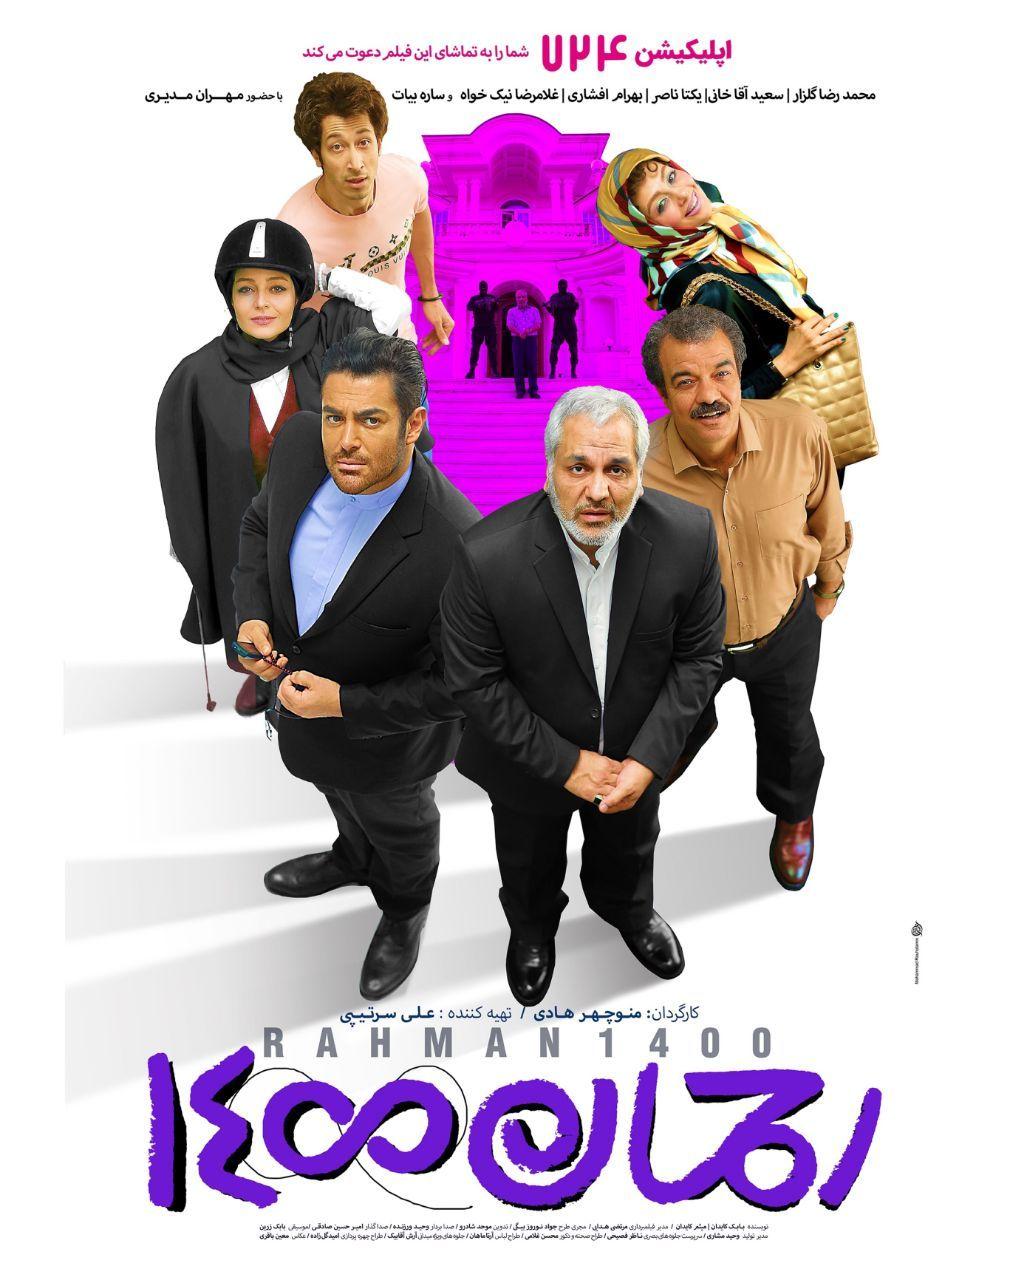 پوستر فیلم سینمایی رحمان 1400 به کارگردانی منوچهر هادی